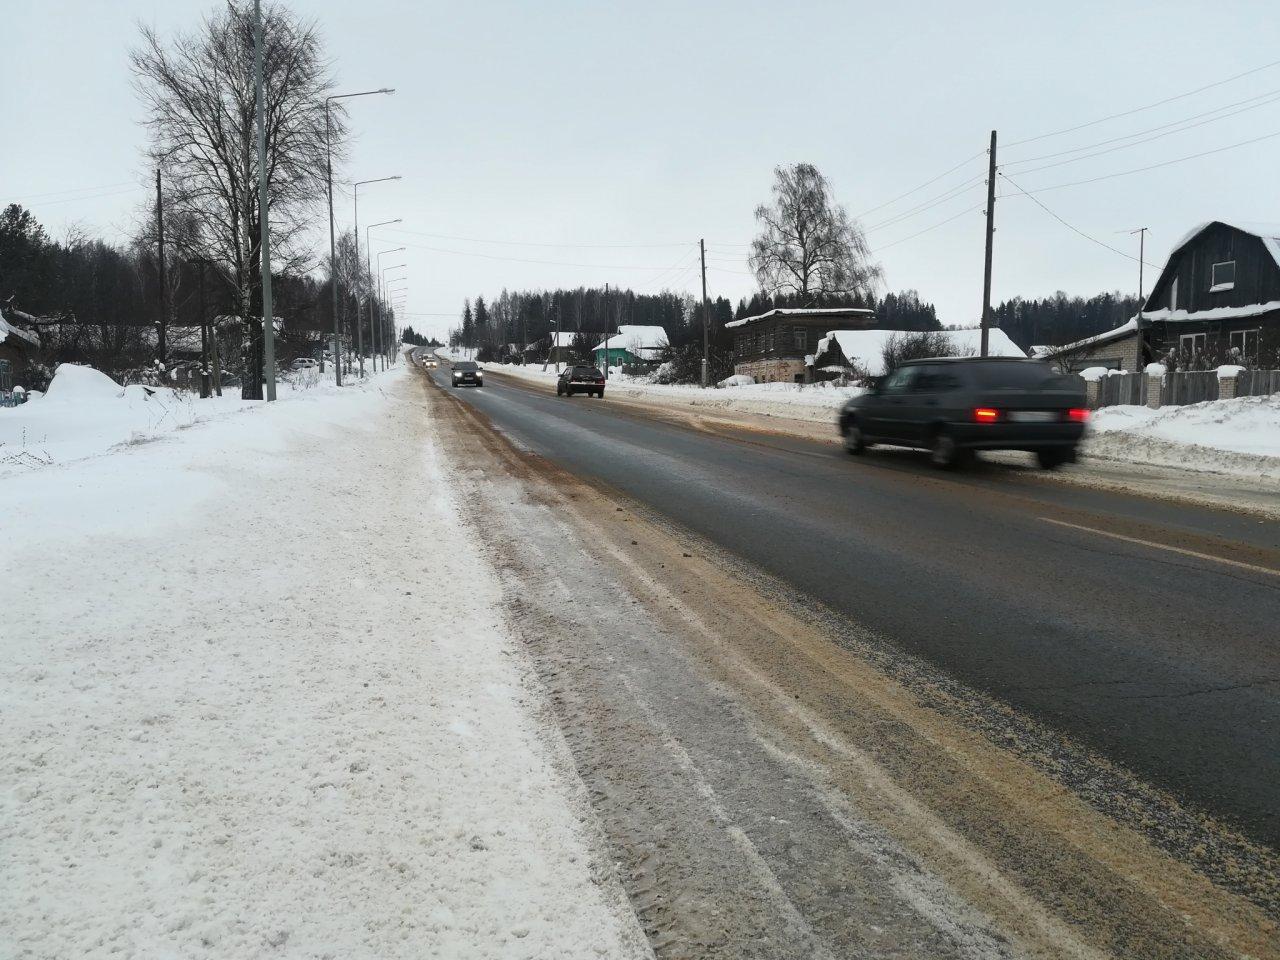 После 10 лет жалоб жители Глушихи добились строительства тротуаров